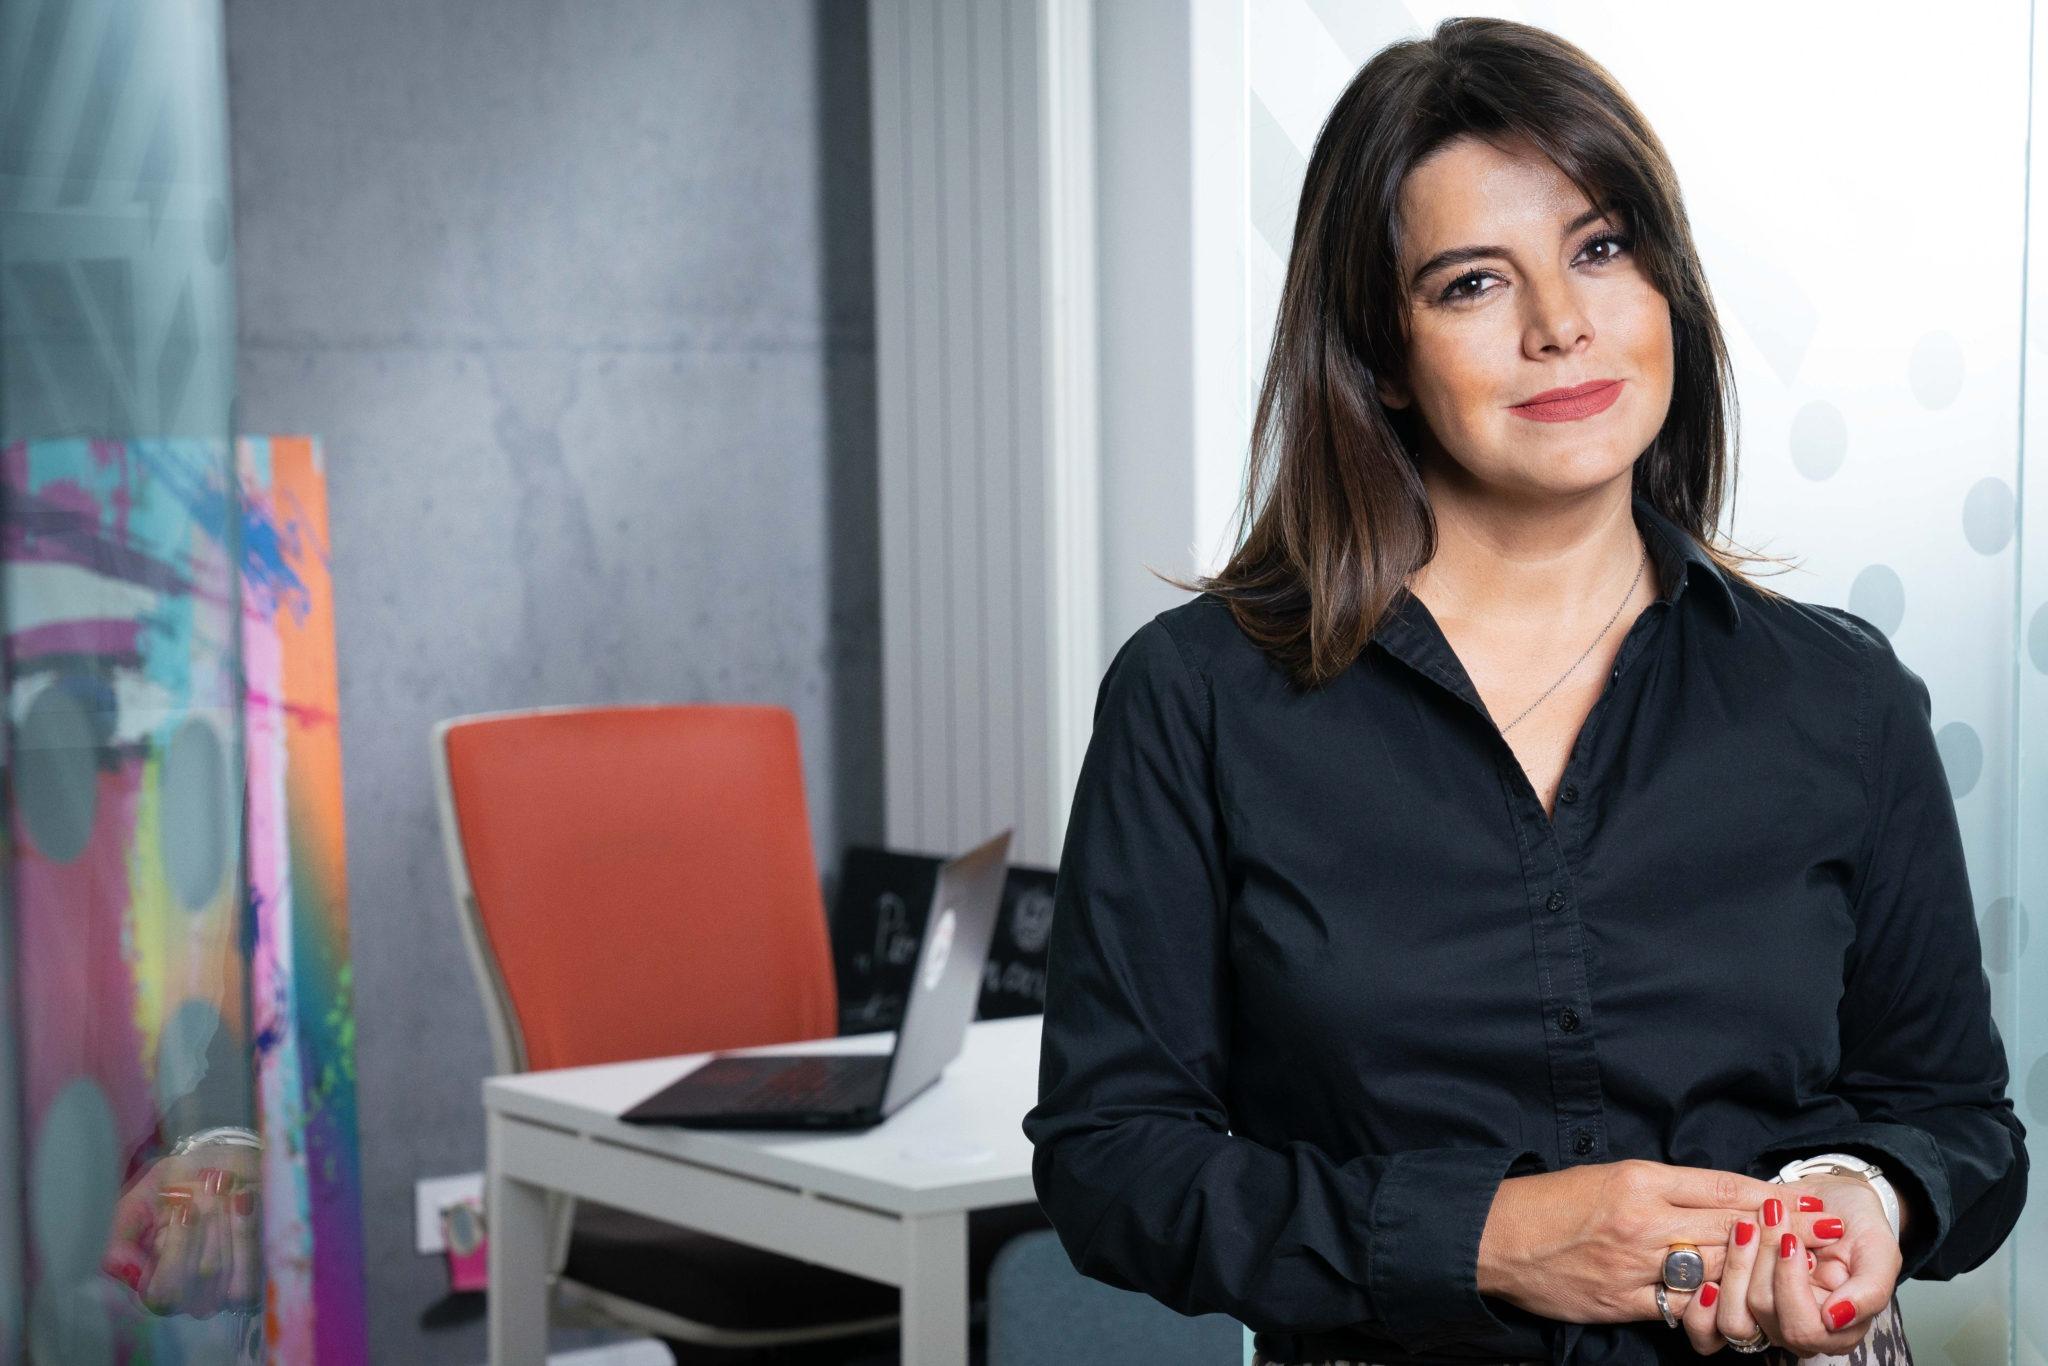 Ioana Enache